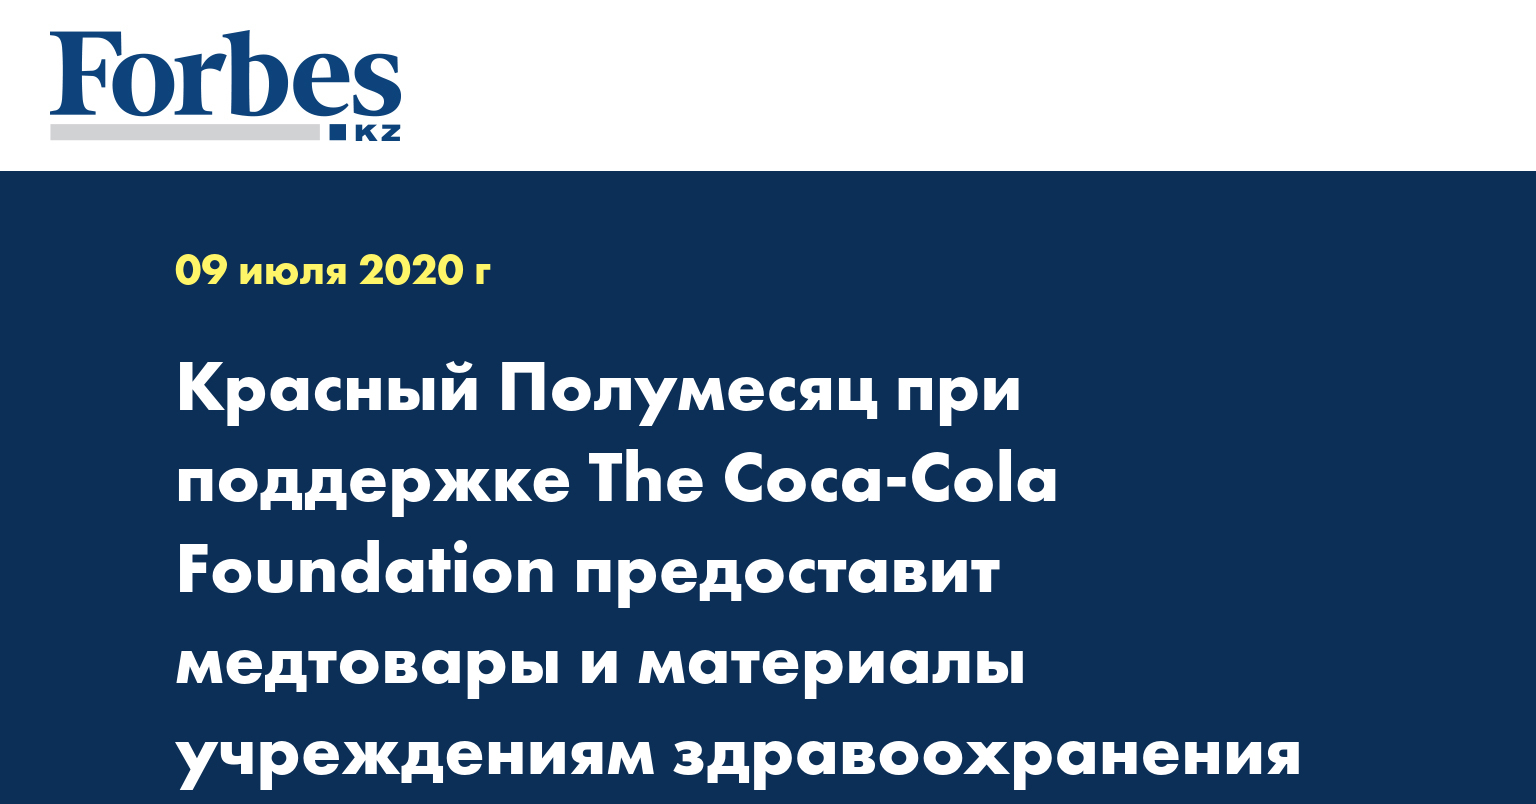 Красный Полумесяц при поддержке The Coca-Cola Foundation предоставит медтовары и материалы учреждениям здравоохранения